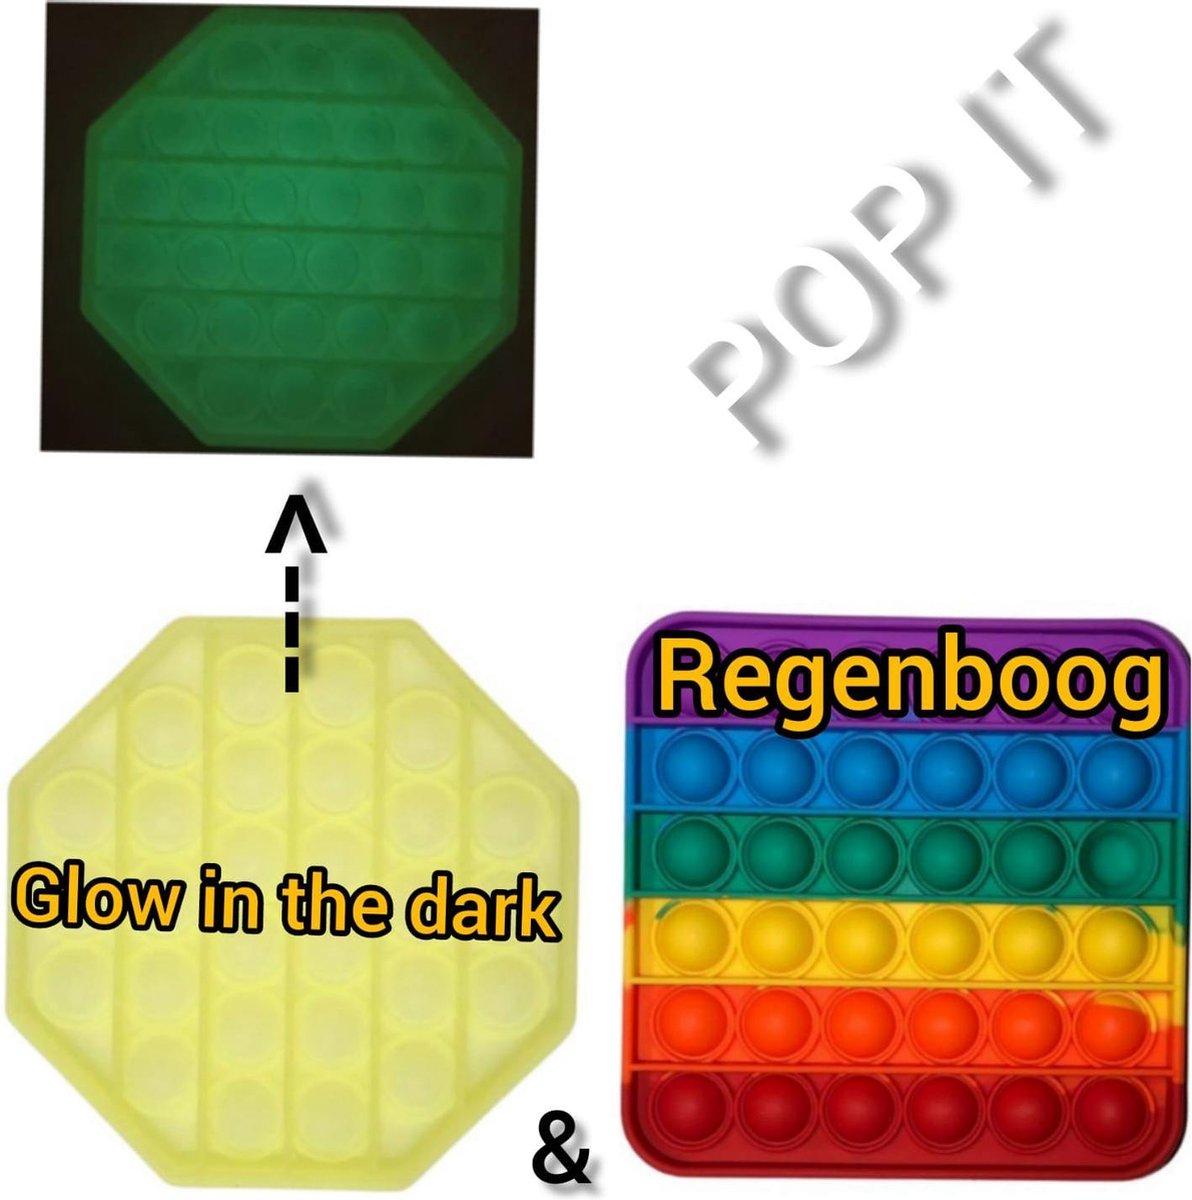 Fidget toys | Pop IT | Fidget toys pakket set van 2 stuks | Regenboog vierkant + Achthoek glow in the dark | Meisjes√ jongens√ volwassenen√ | Trend 2021 | Anti stress | Cadeautip _ Leuk voor zwembad